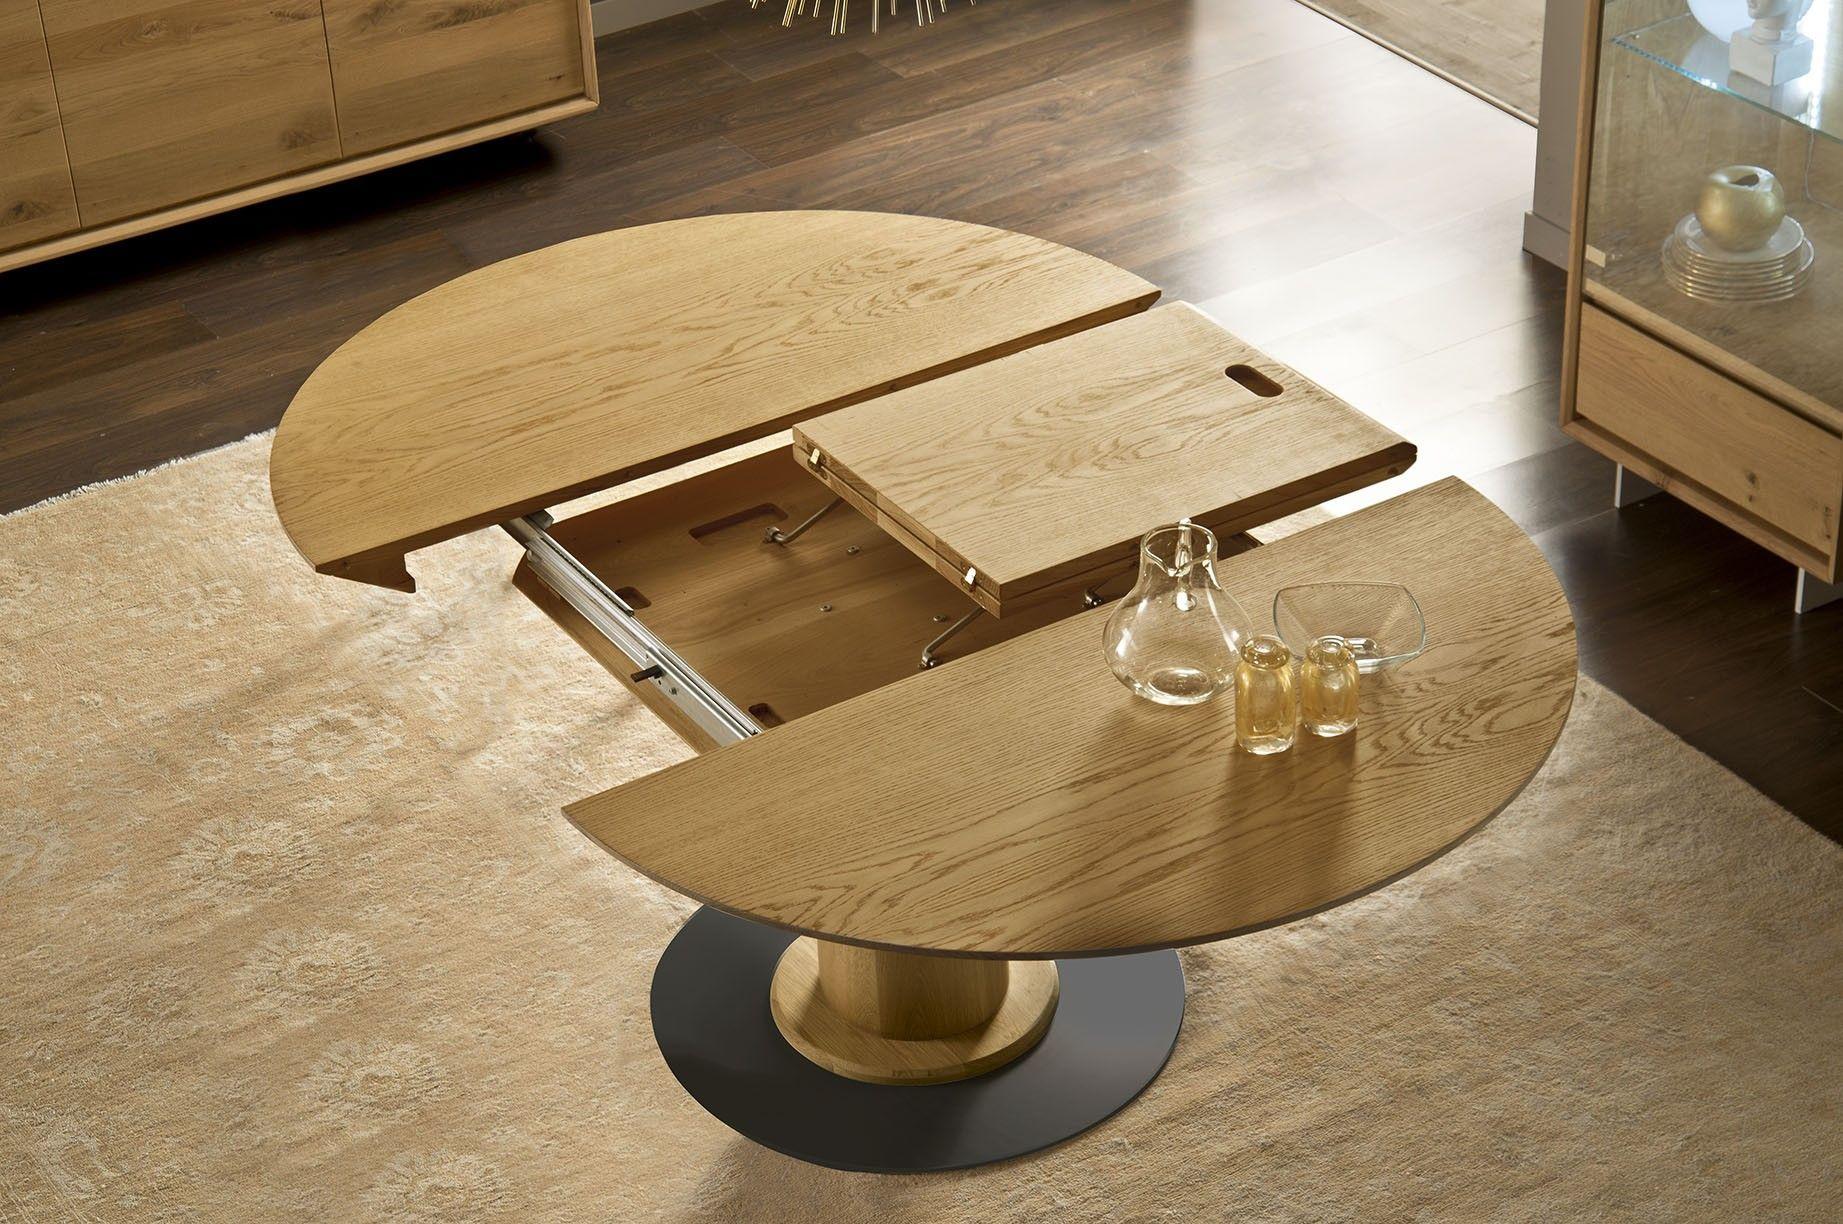 Articolo 12 10 Tavolo Allungabile In Rovere Massello Collezione Project Di Special Wood Arredamentimazzoldi Com T Tavolo E Sedie Tavoli Tavolo Allungabile